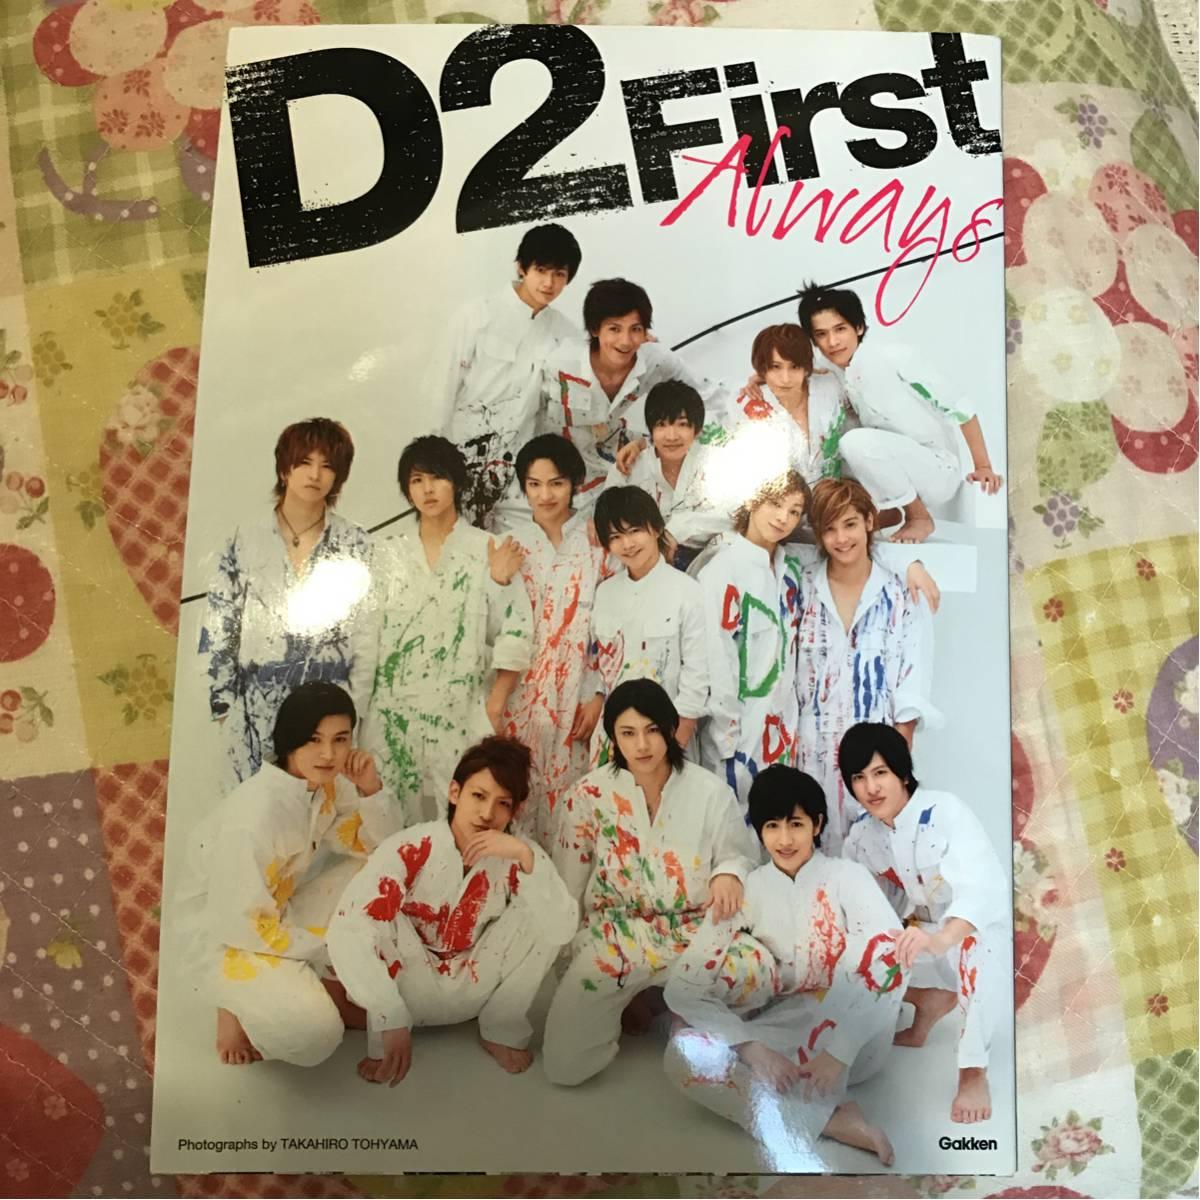 [サイン入り写真集]志尊淳・山田裕貴含むD2メンバー全員の直筆サイン入り写真集 D2 first